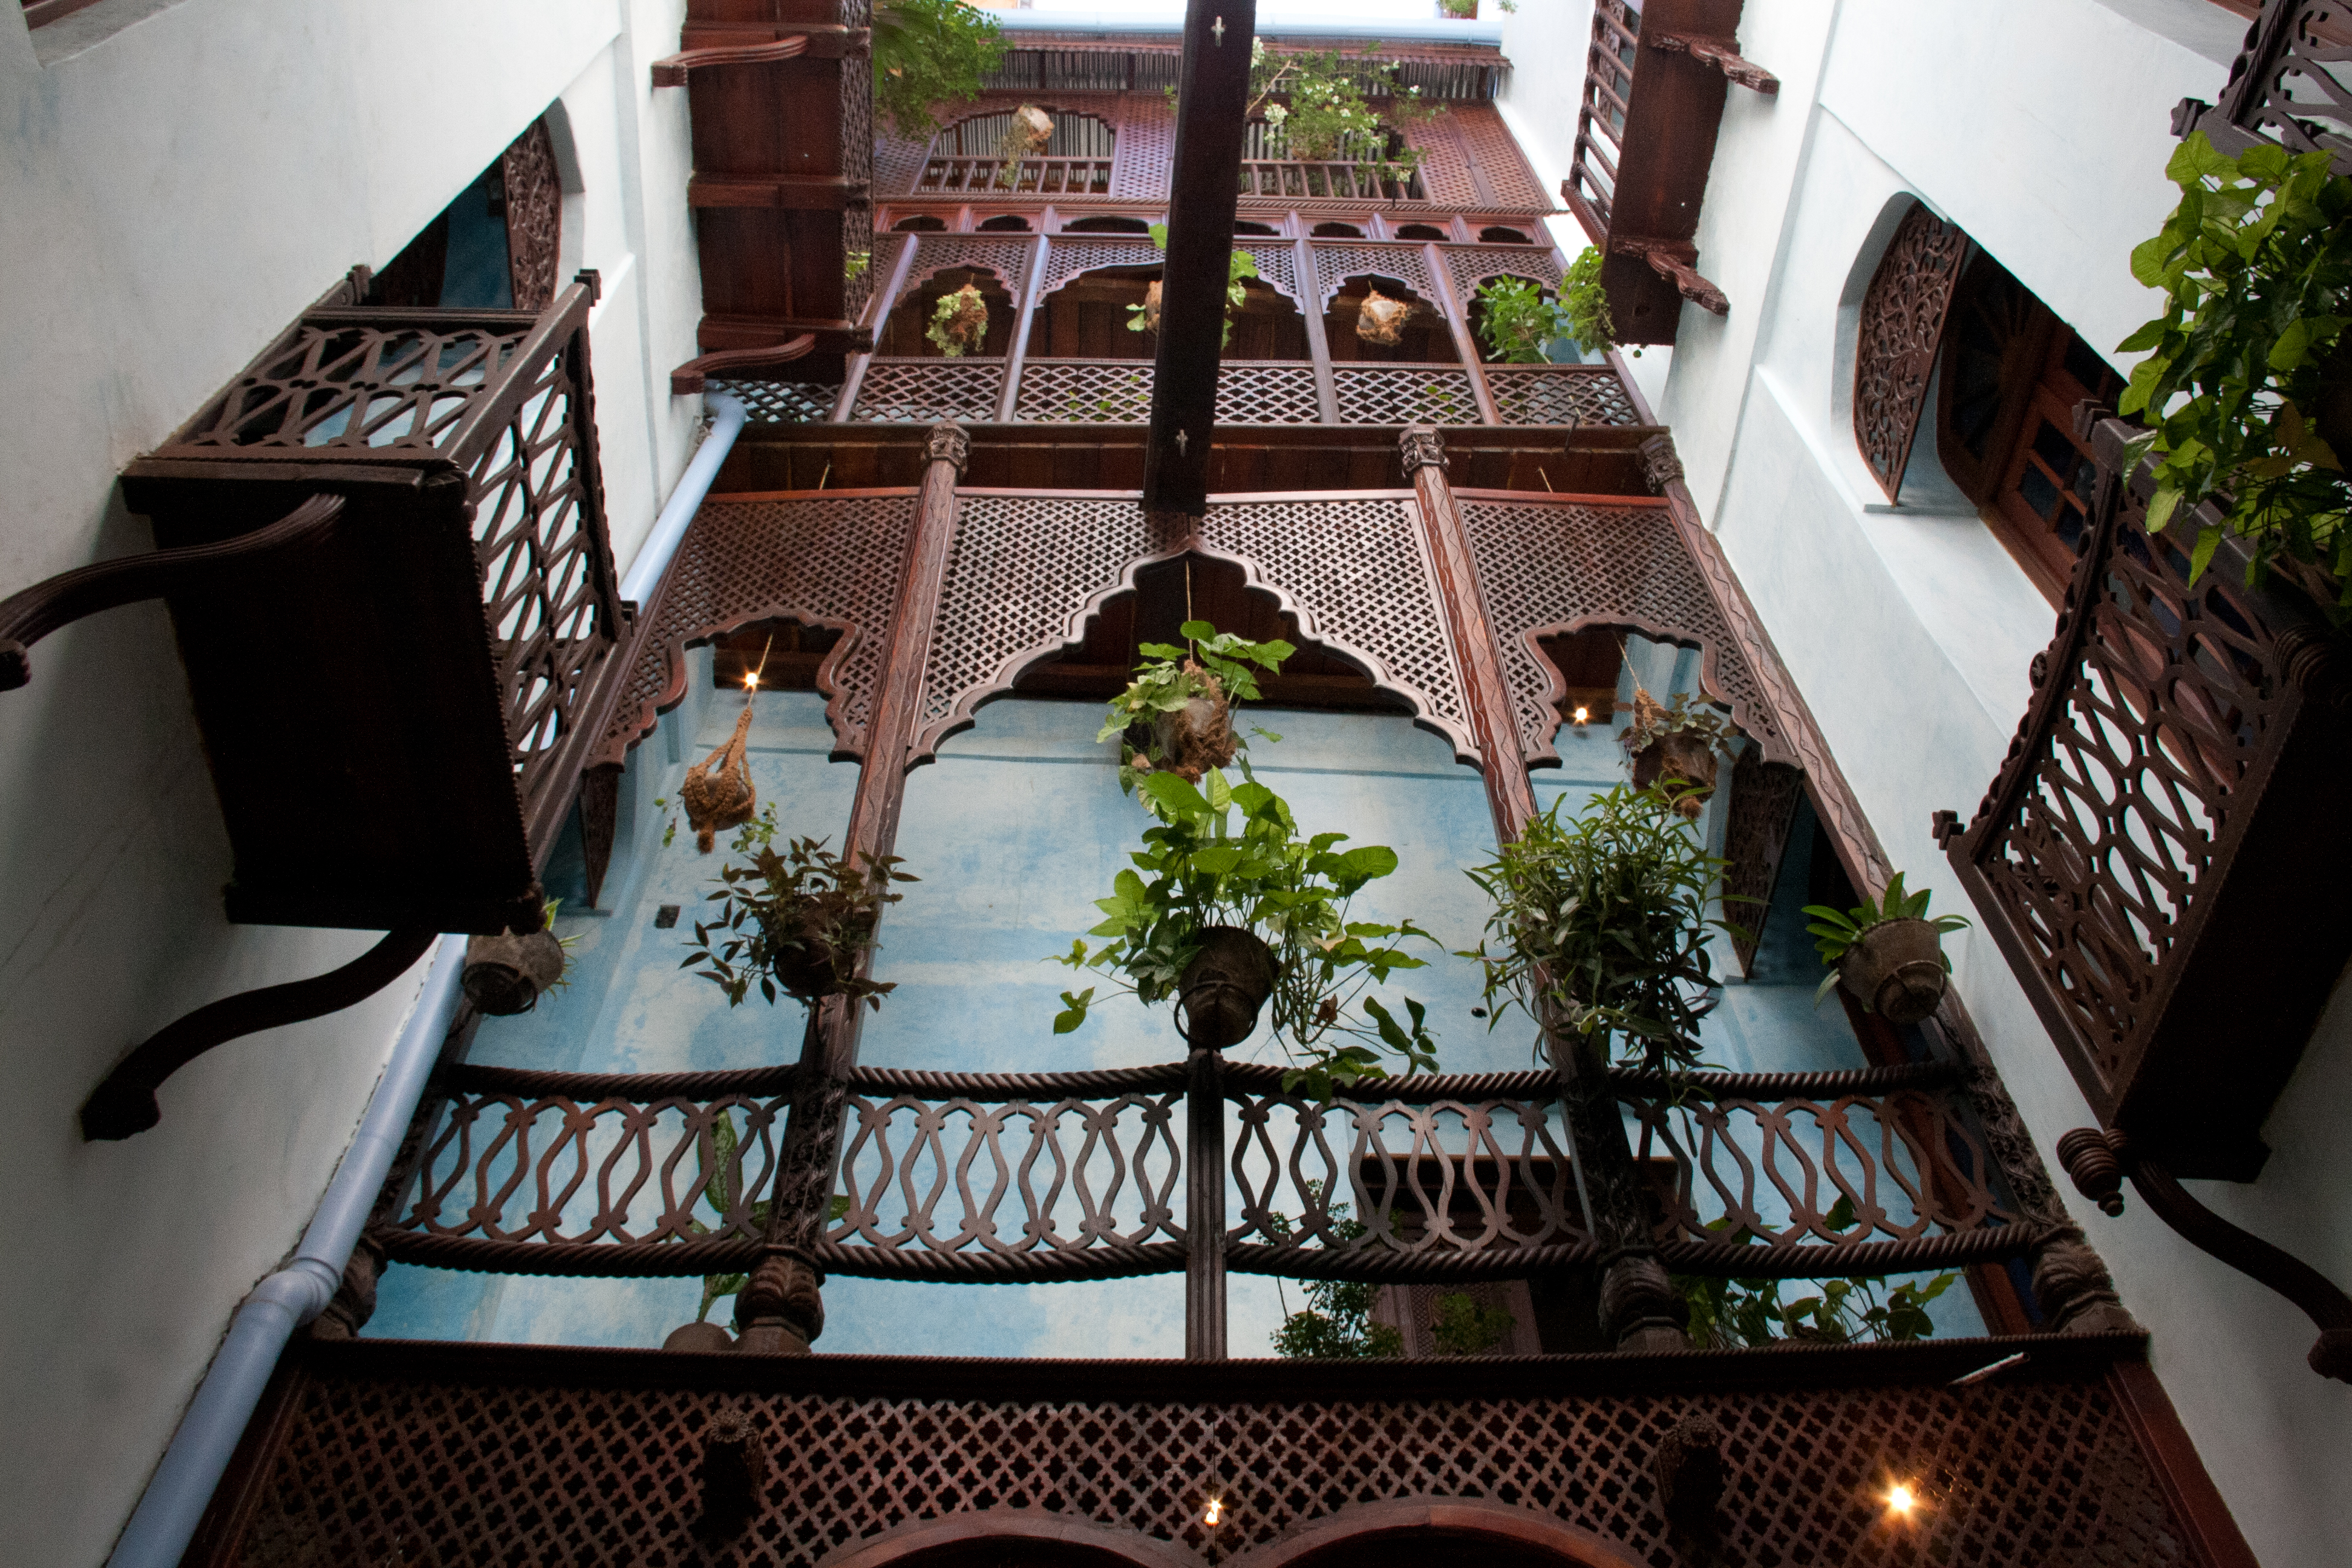 Emerson Spice Hotel Tanzania Atrium